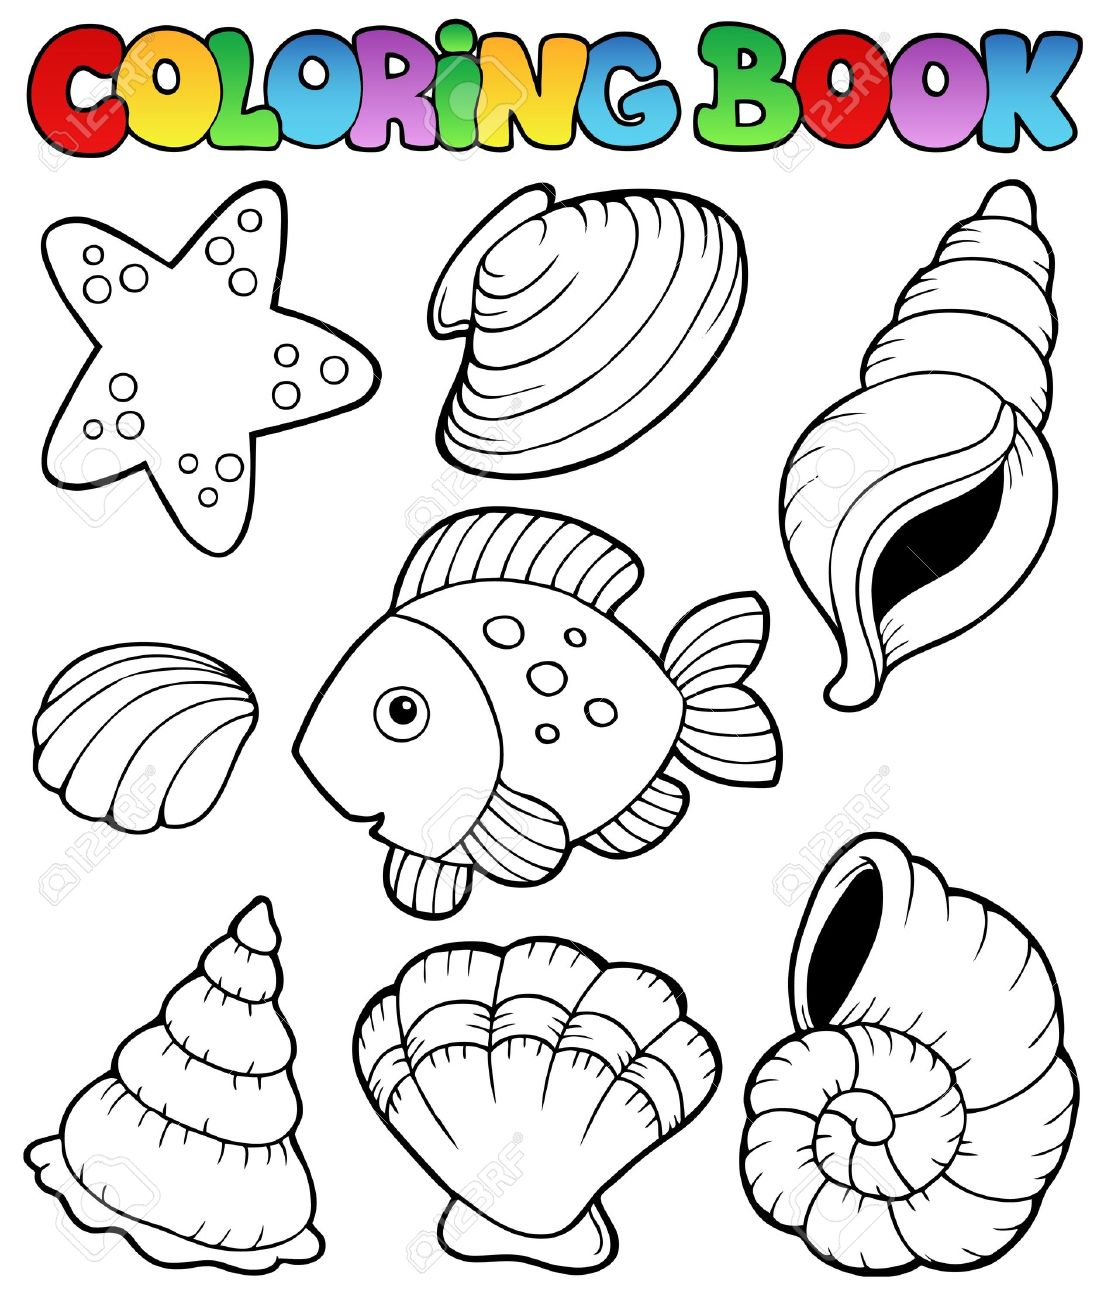 Libro Para Colorear Con Conchas Marinas Ilustración Vectorial